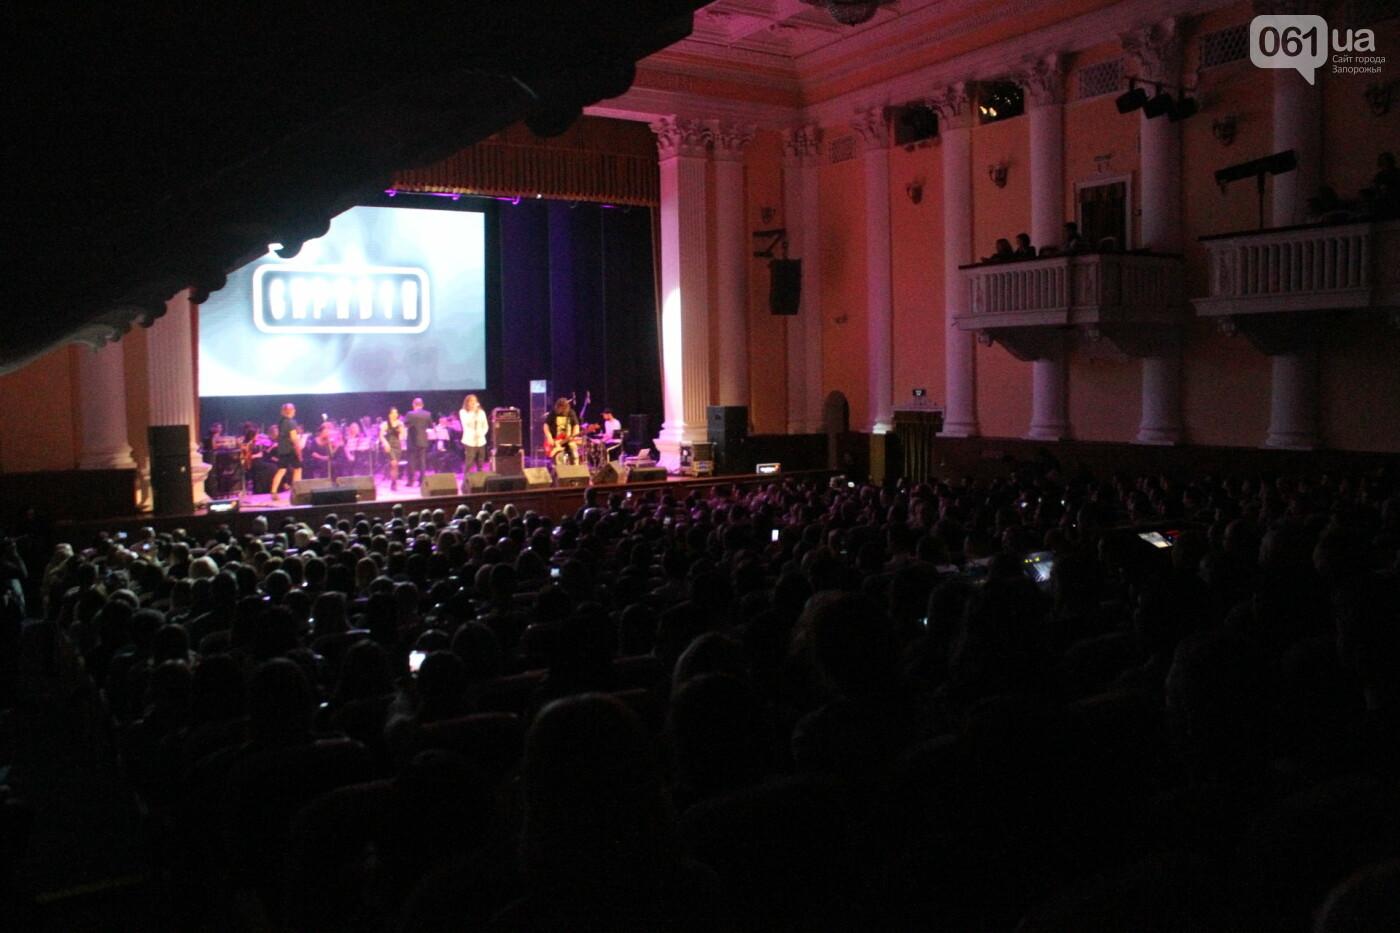 В Запорожье группа «Скрябин» сыграла лучшие хиты с симфоническим оркестром, – ФОТОРЕПОРТАЖ, фото-13